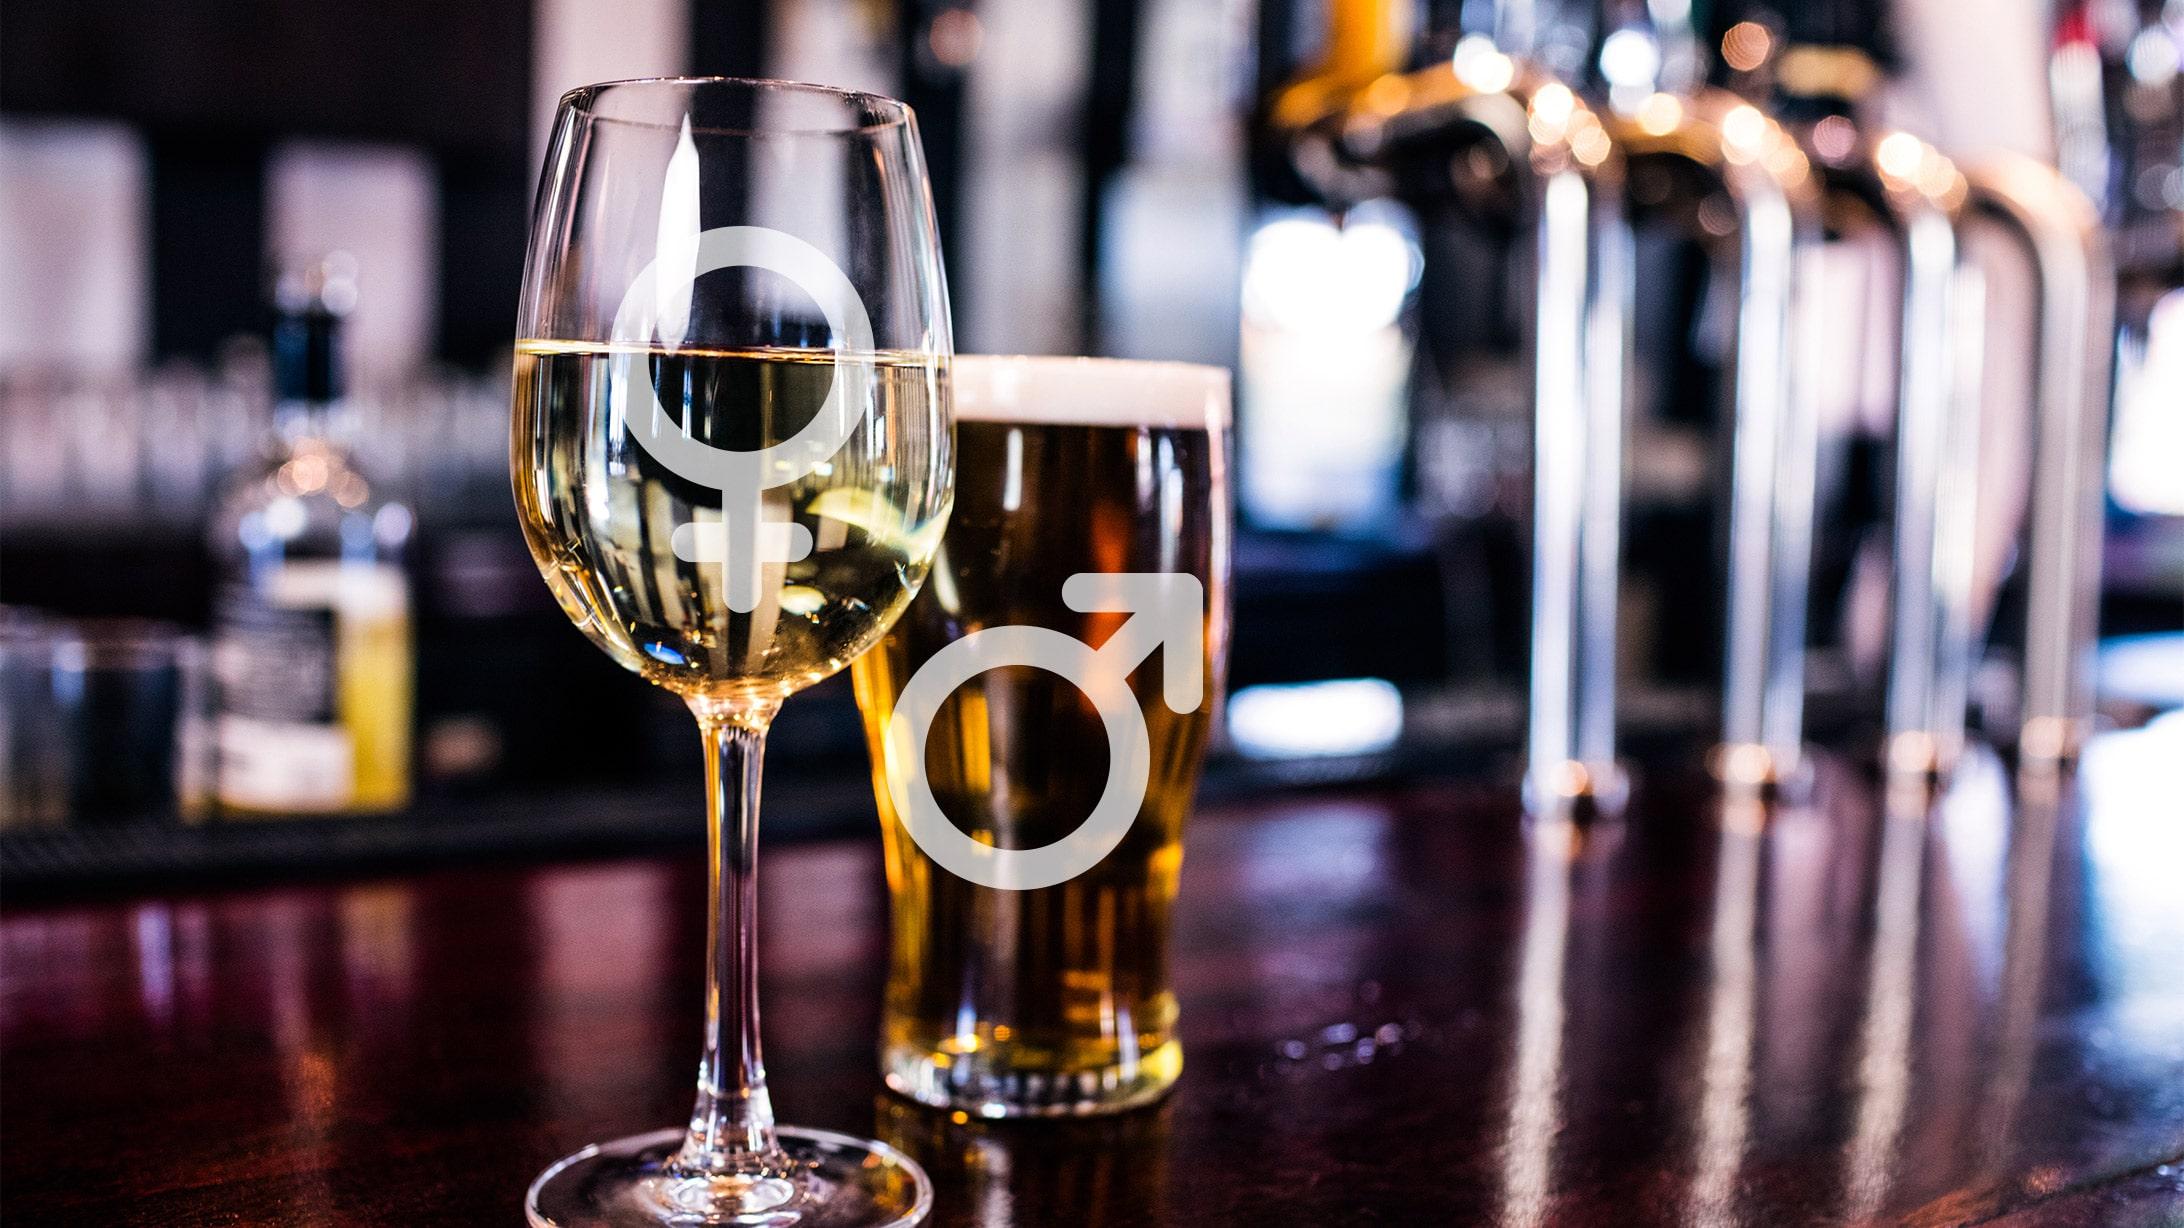 Alkoholkonsum bei Frau und Mann dargestellt als Trinkgläser